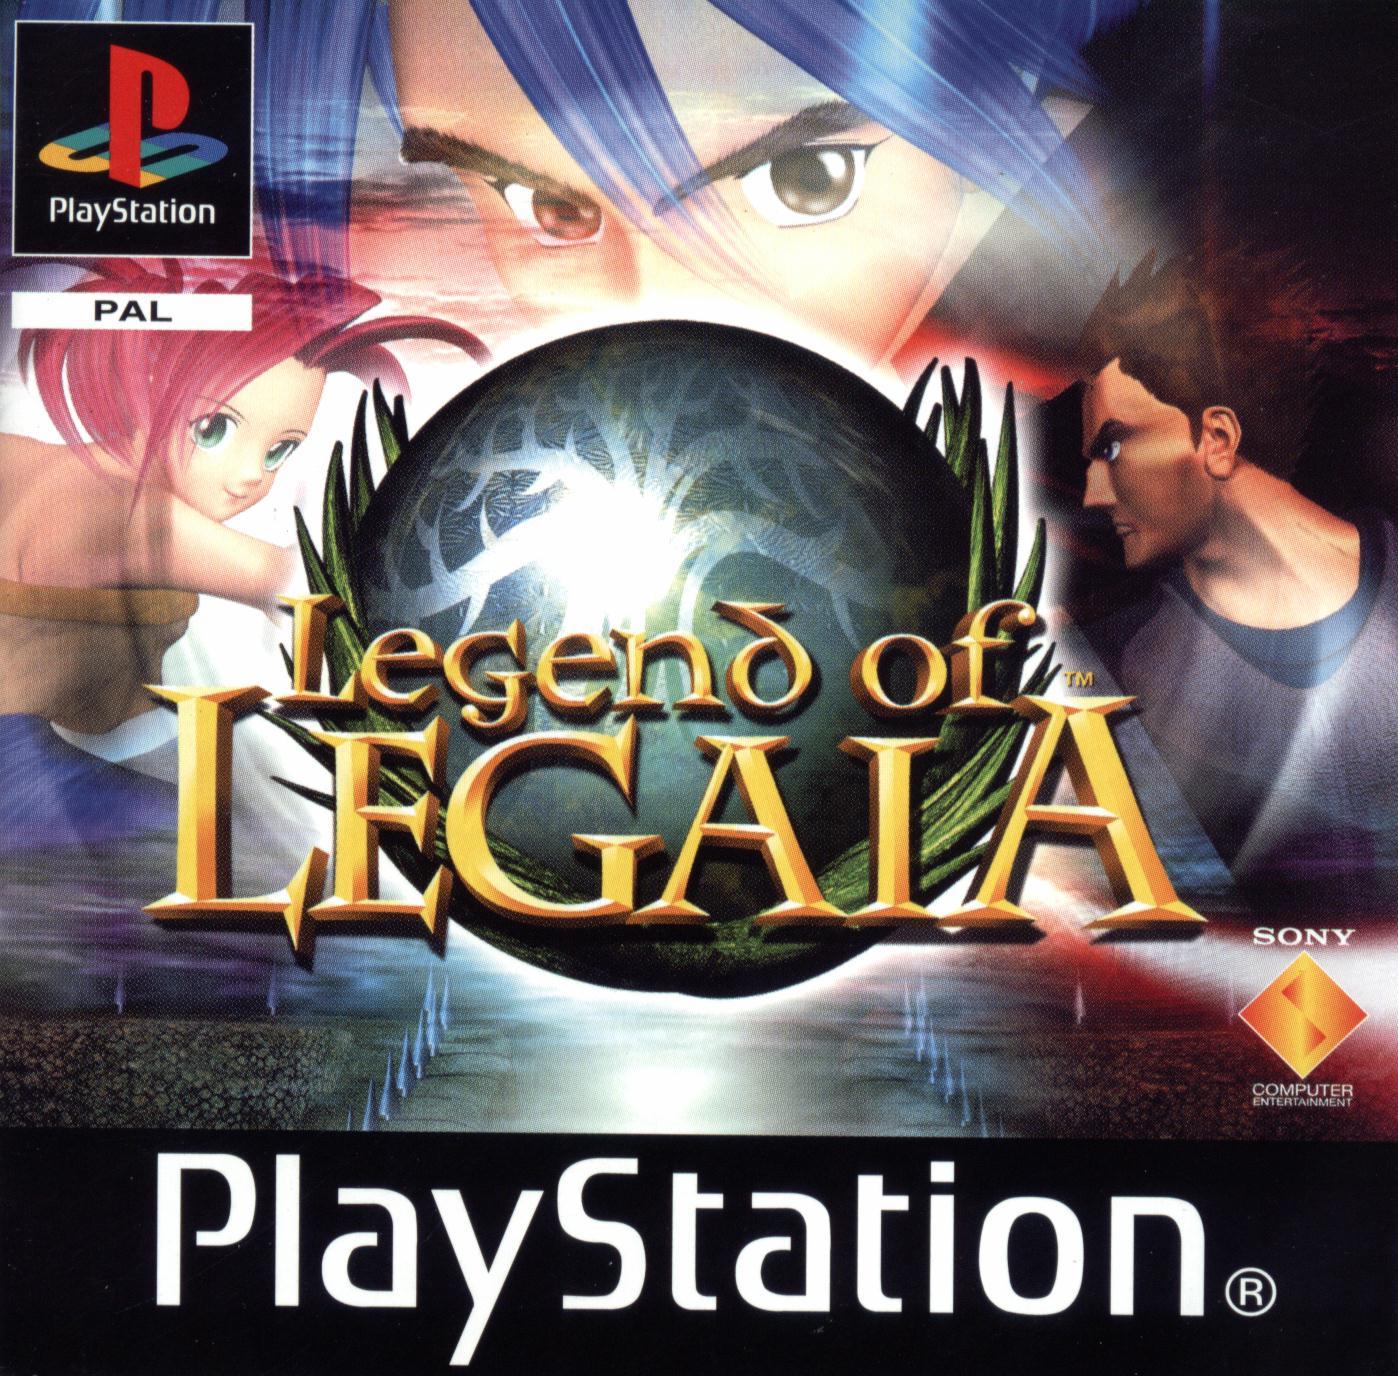 Klicke auf die Grafik für eine größere Ansicht  Name:legend-of-legaia-front.jpg Hits:34 Größe:378,5 KB ID:83305